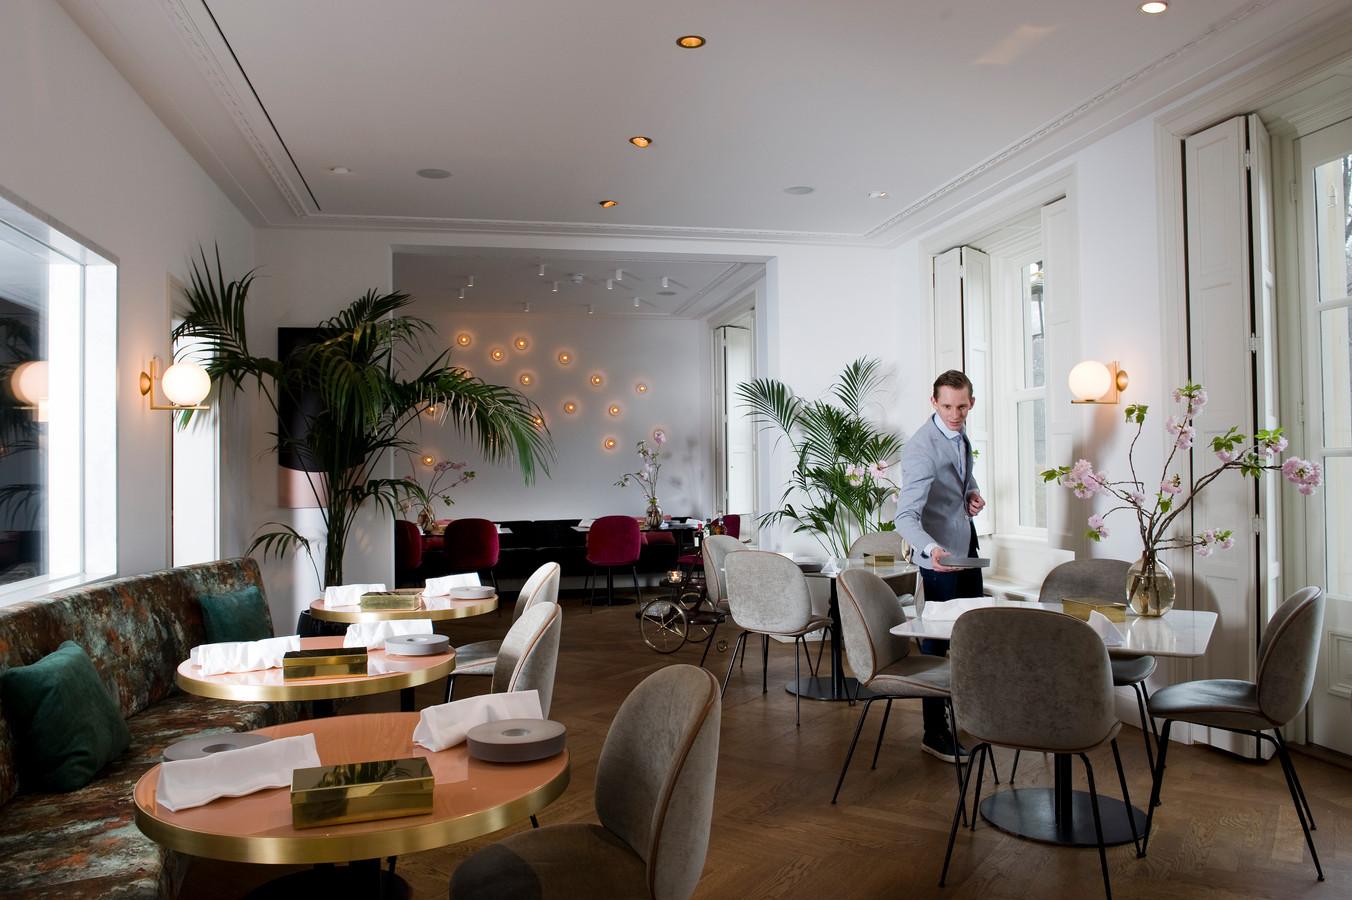 Het interieur van restaurant Voltaire in Leersum.